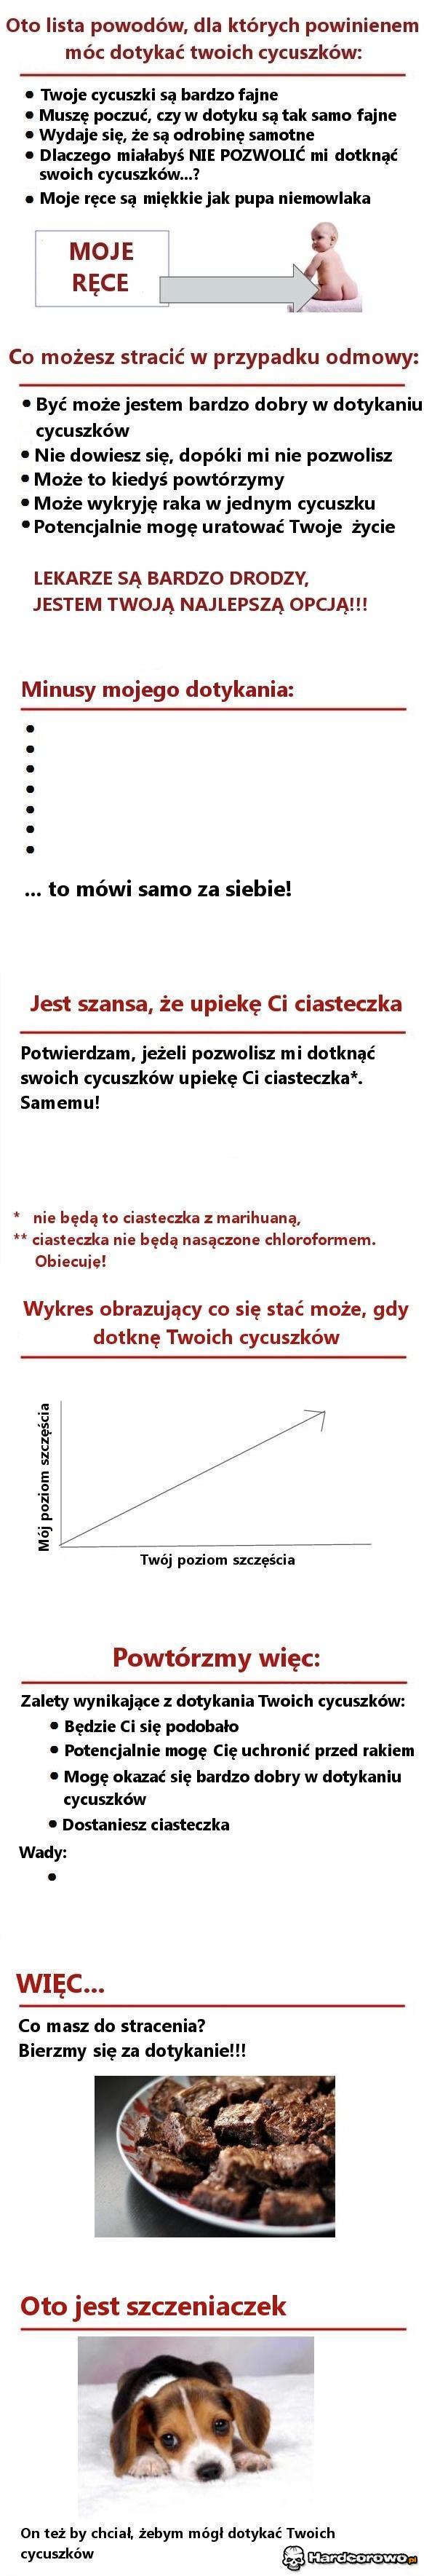 Cycuszki - 1